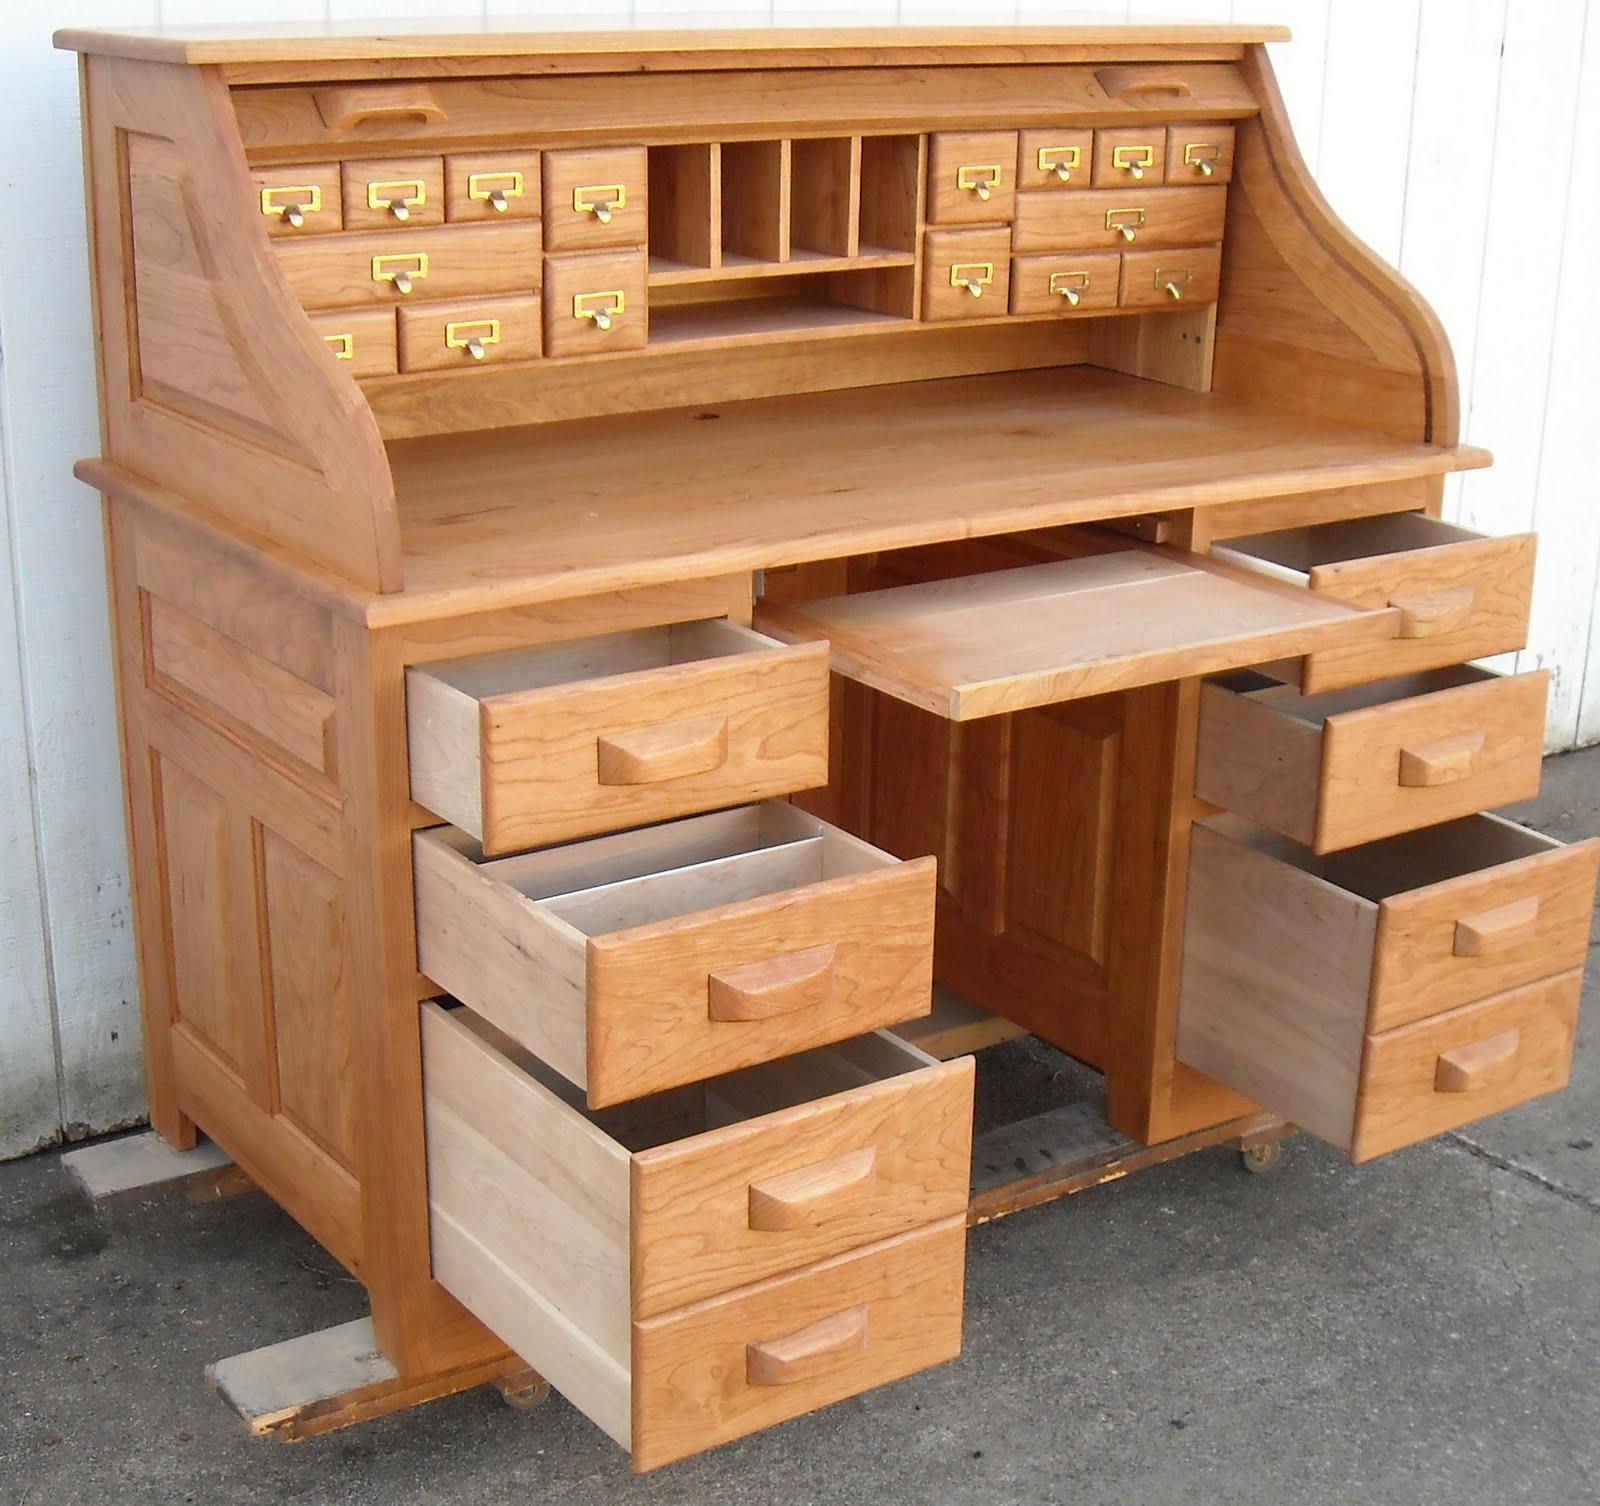 For Sale puter Desk